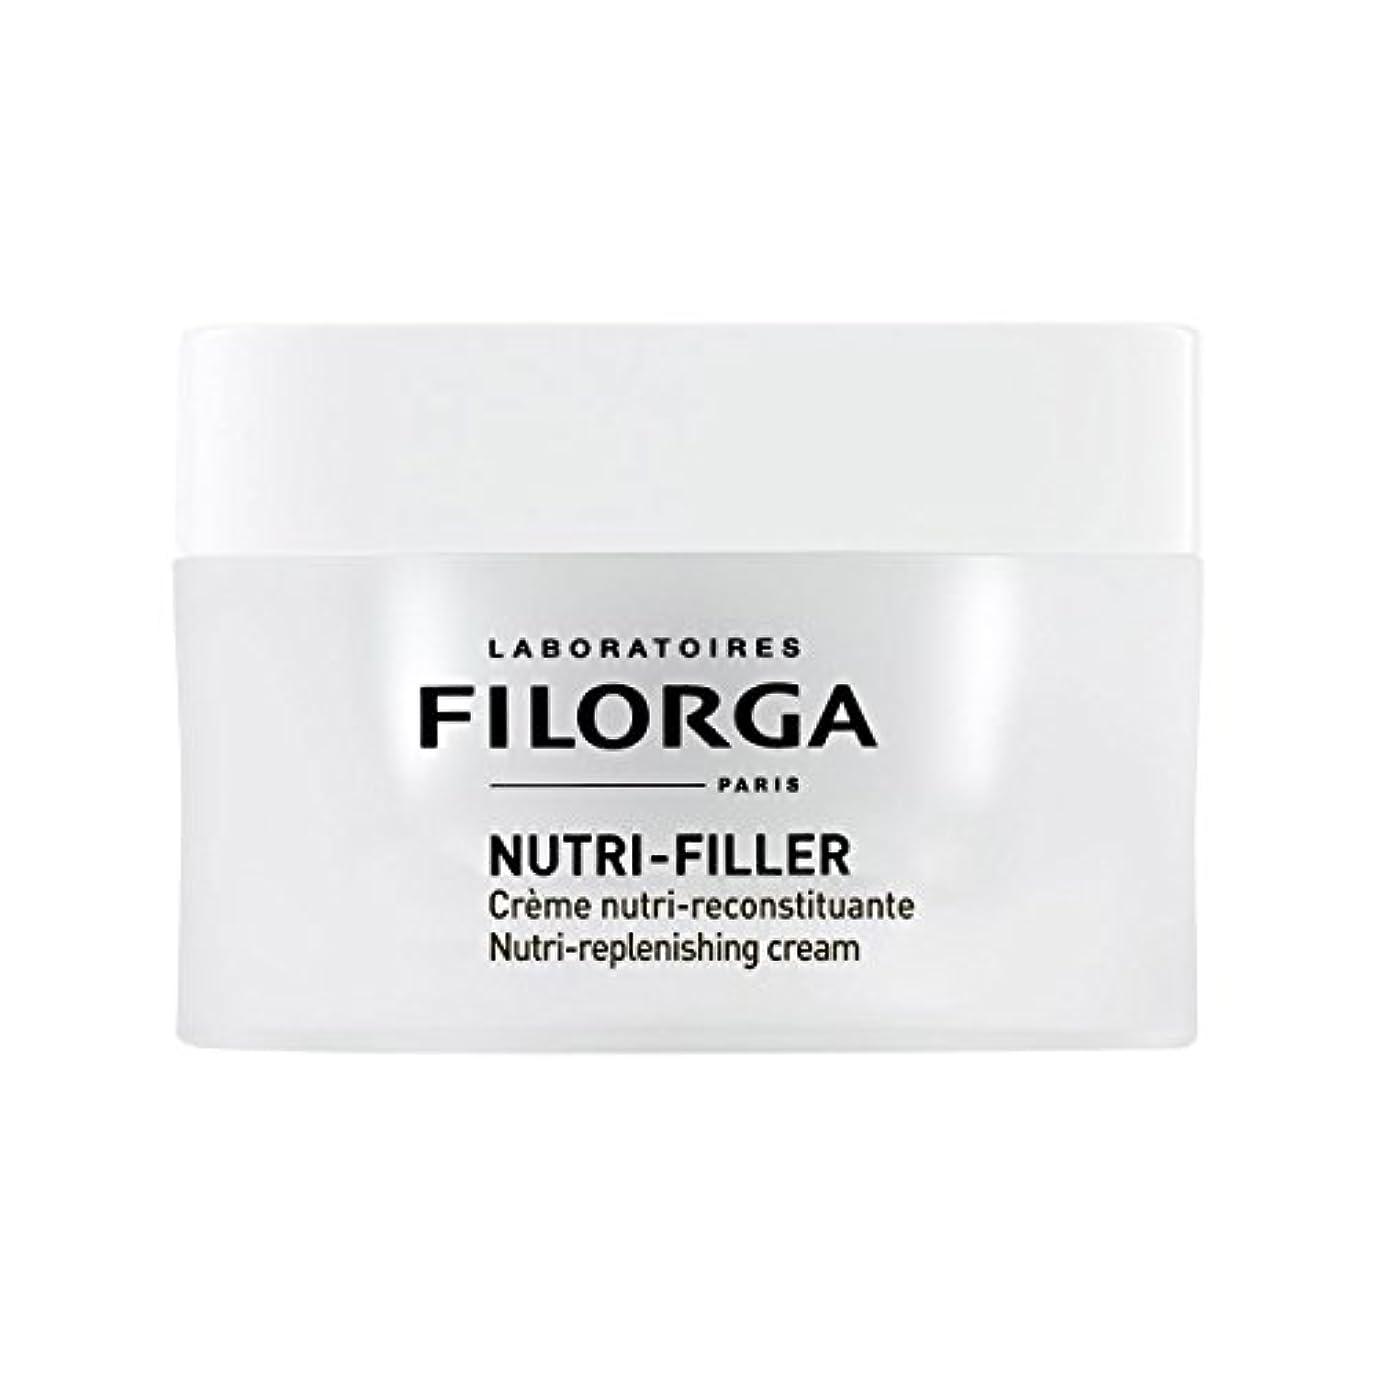 グリース文芸砲撃Filorga Nutri-filler Nutri-replenishing Cream 50ml [並行輸入品]